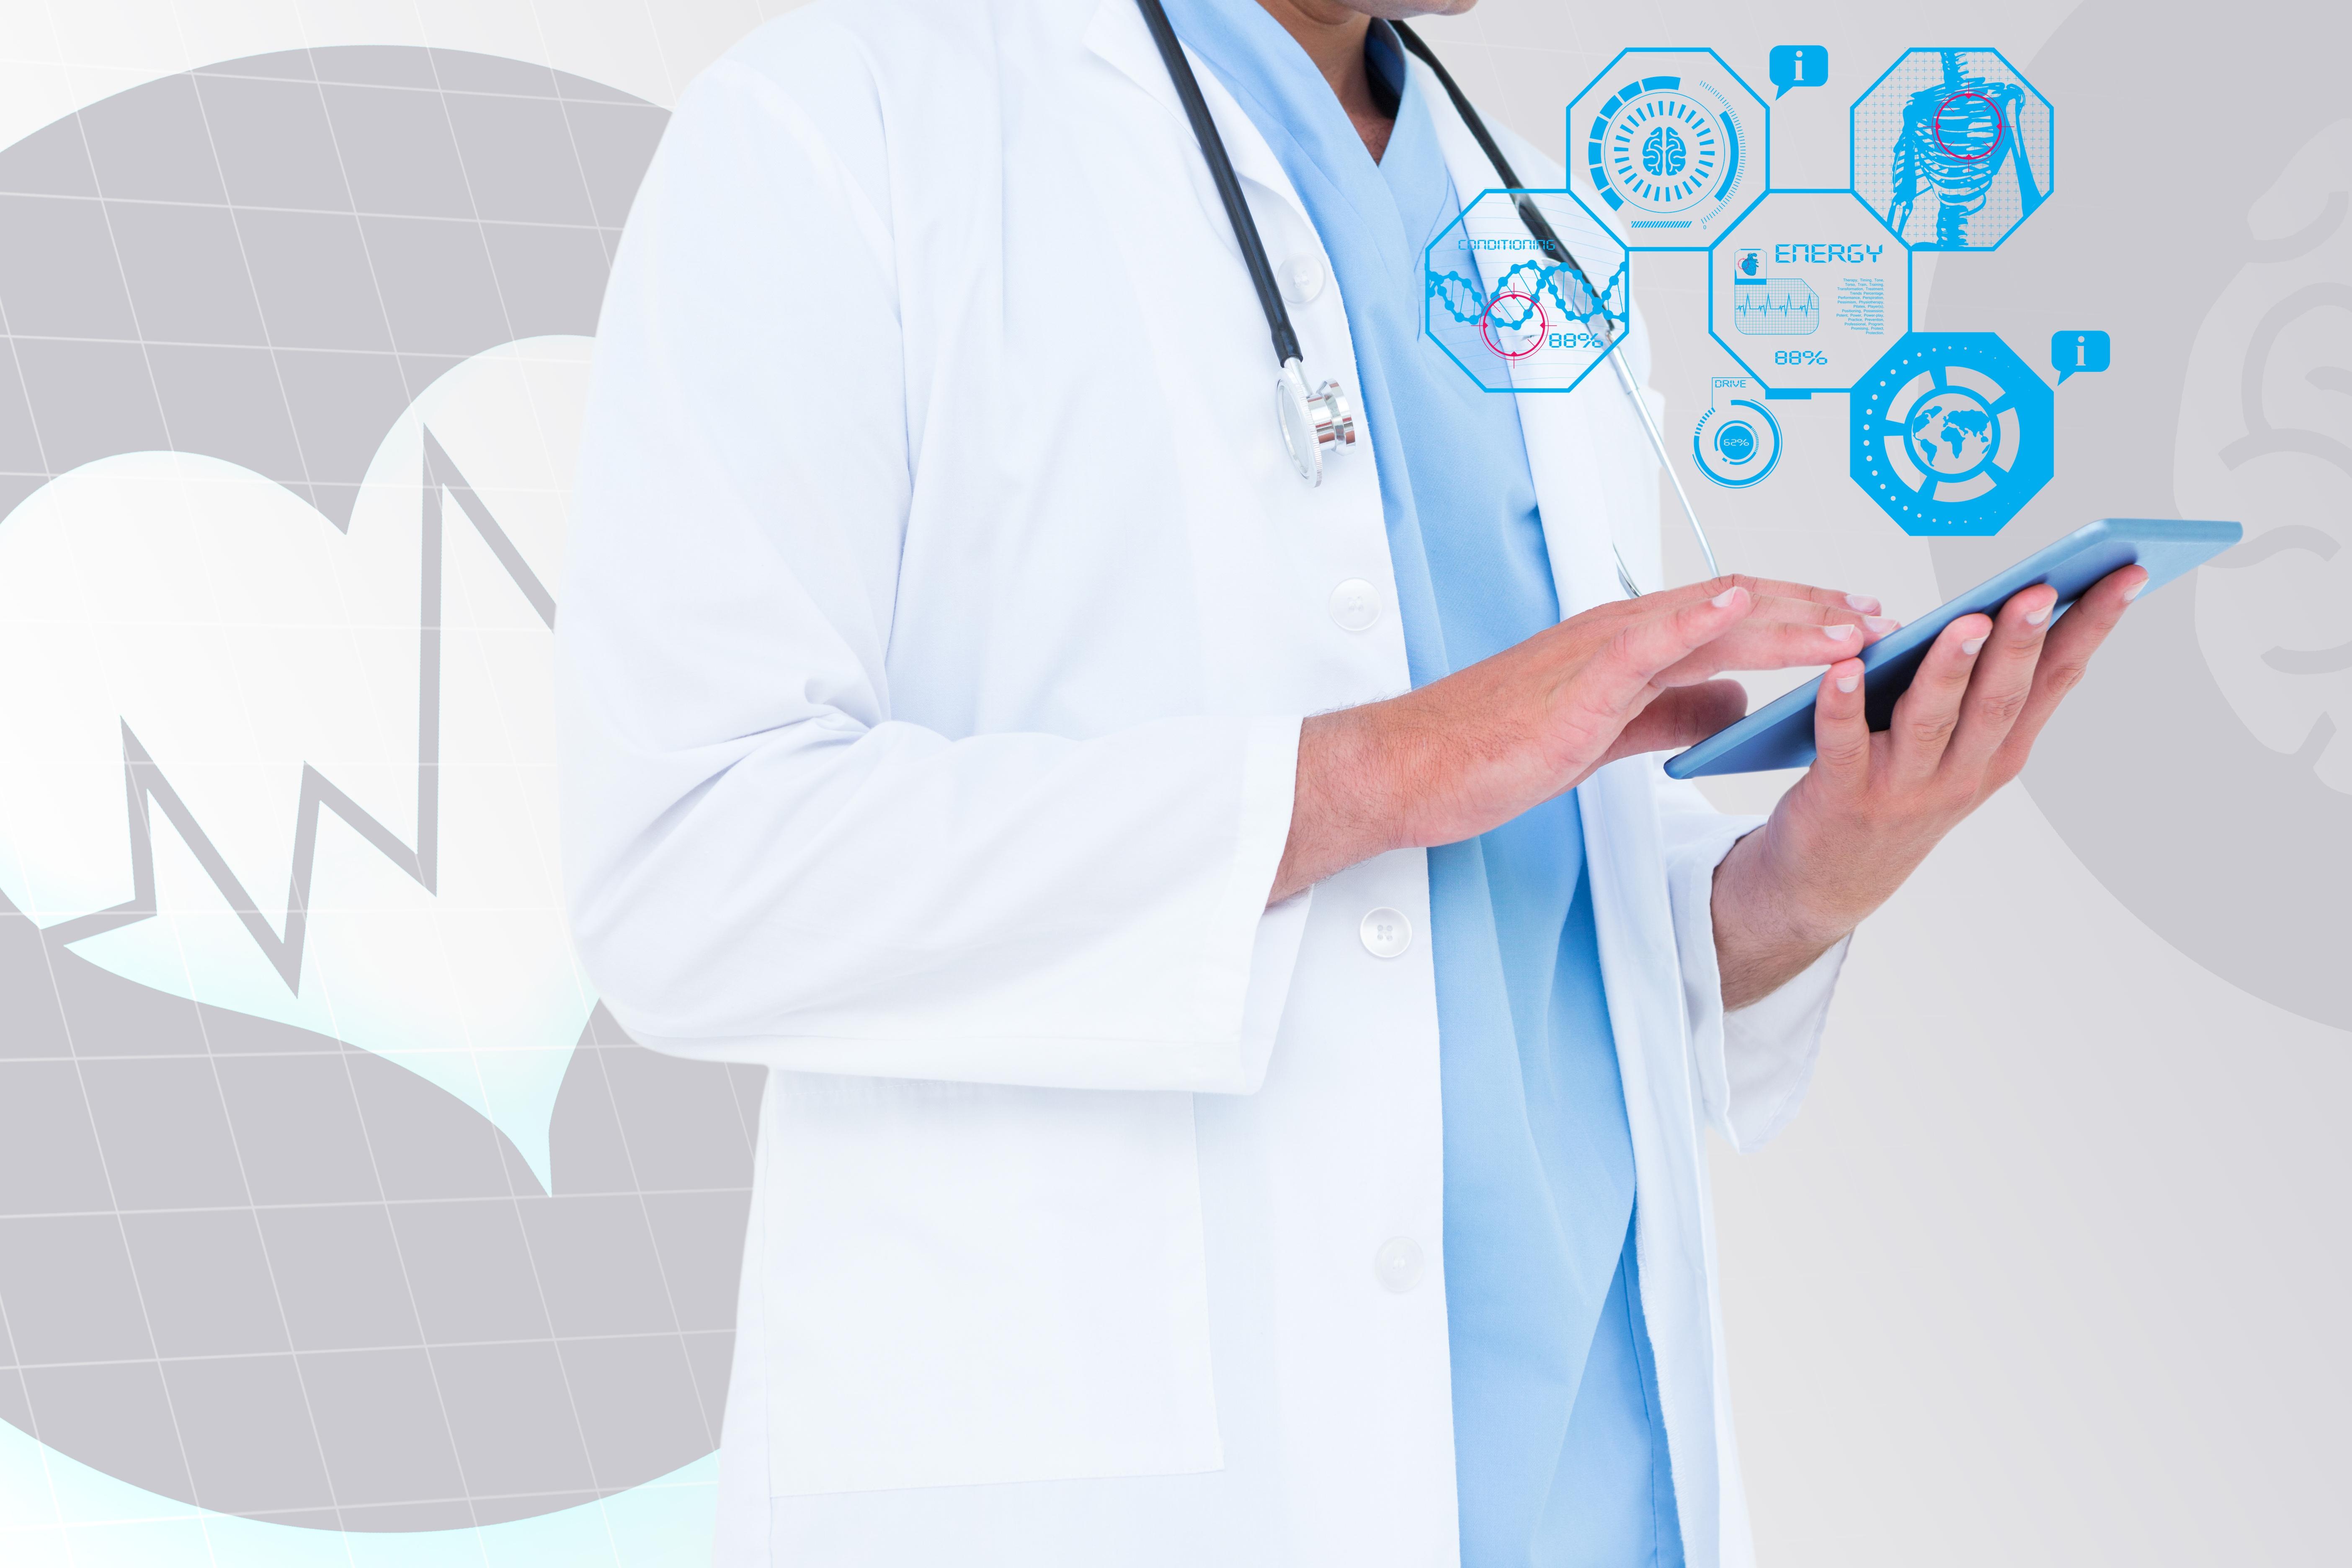 La cuarta edición del Monitor de Reputación Sanitaria (MRS) vuelve a contar con participación enfermera